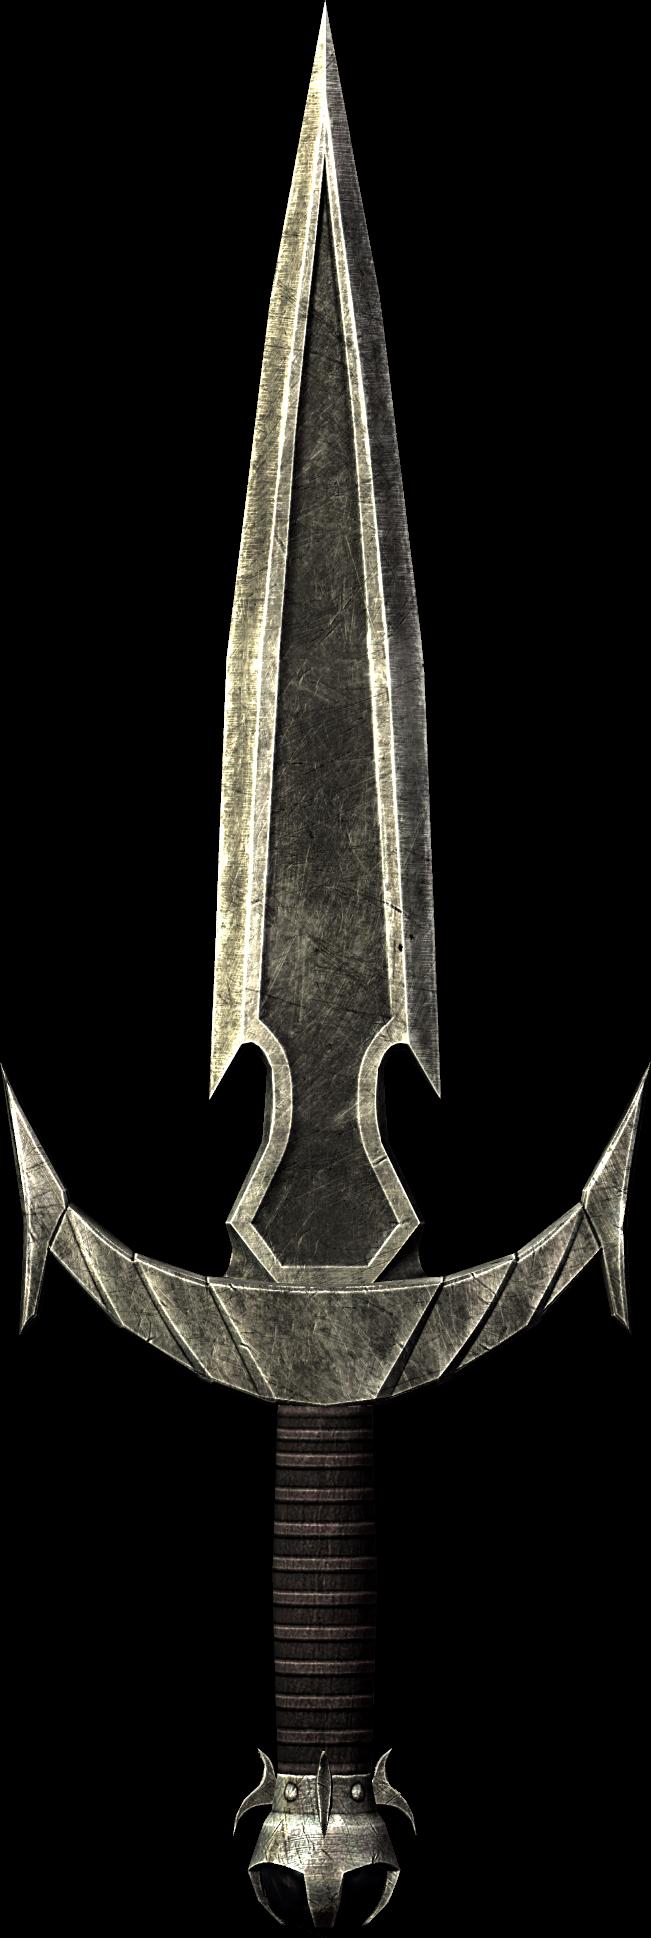 Artefact Daedras - Skyrim Fan Site - Dovakim